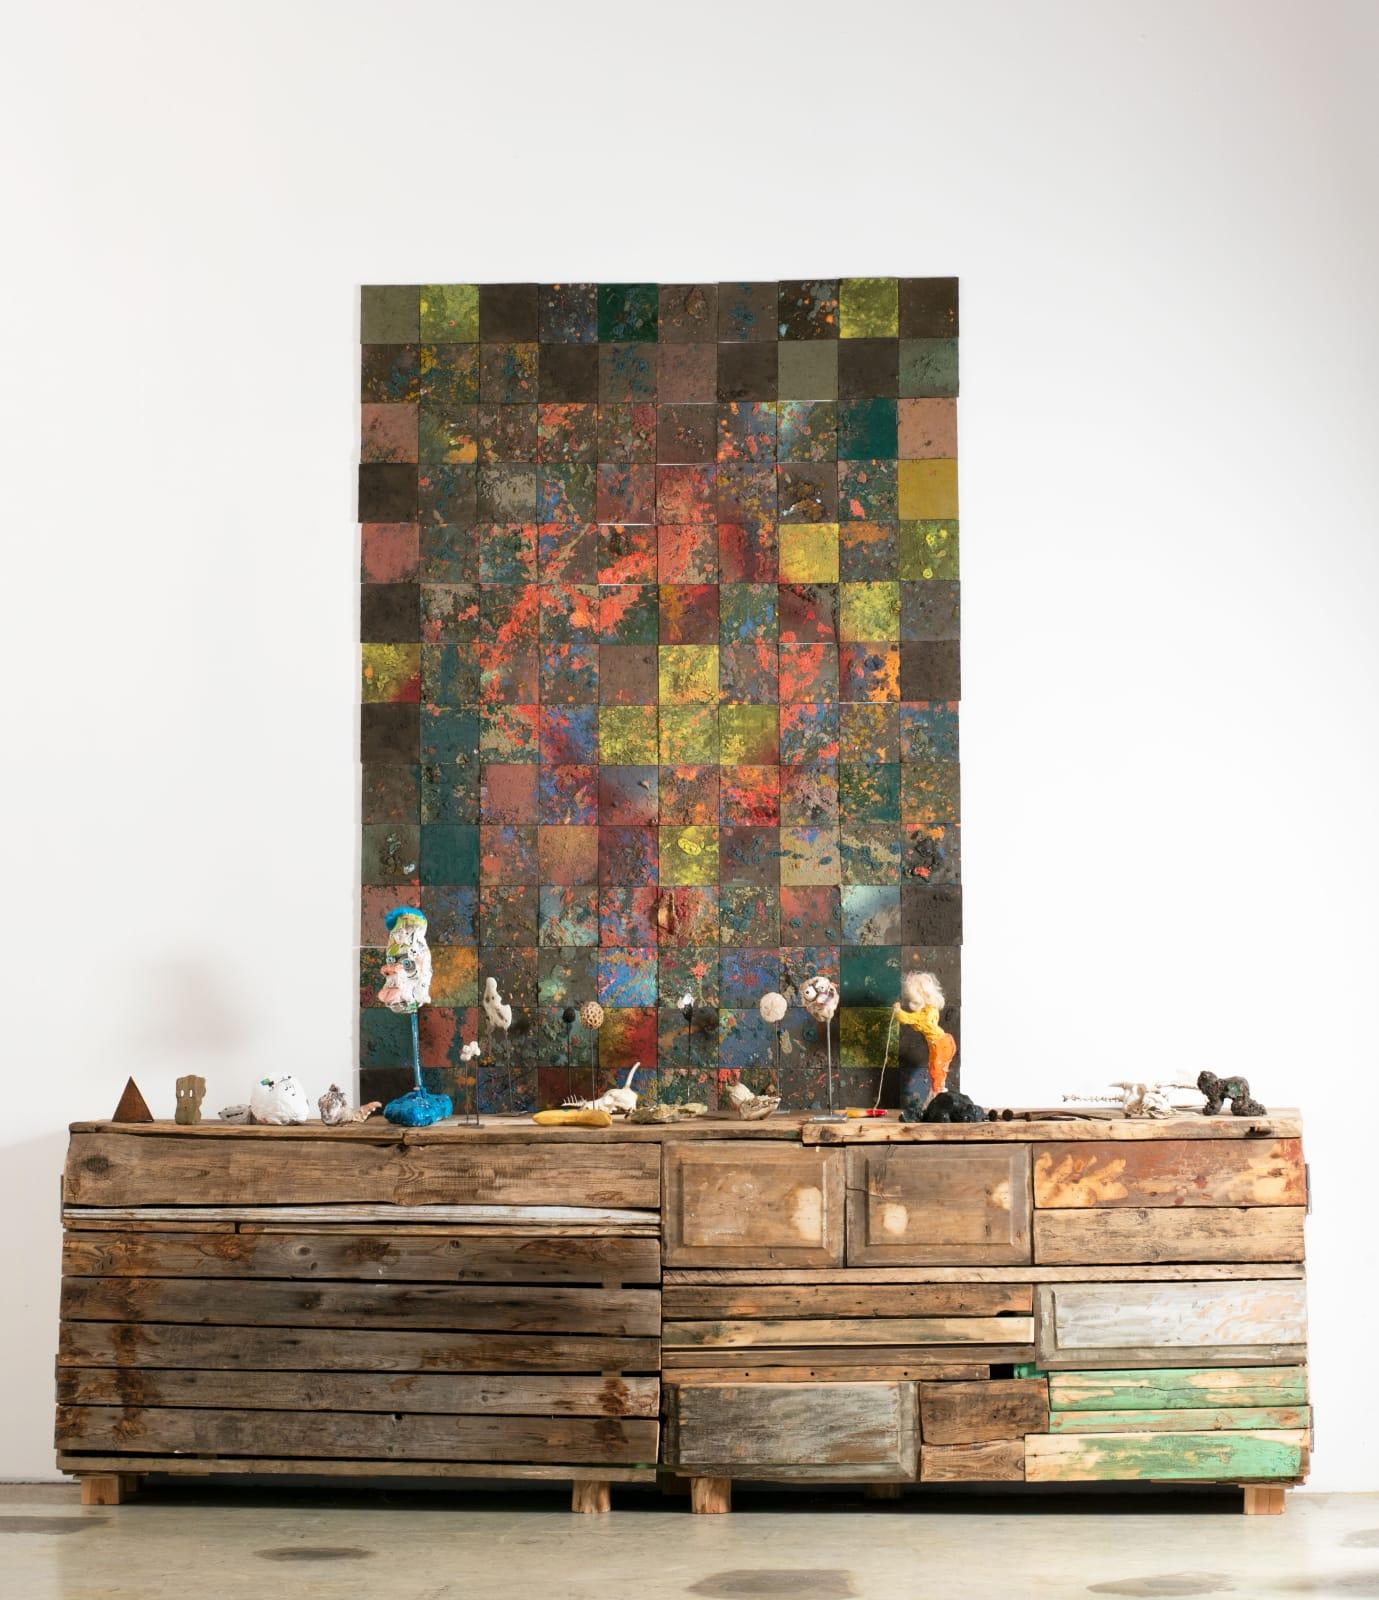 ALEXANDER TSIKARISHVILI, IVAN CHEMAKIN Carpet over the dresser, 2018